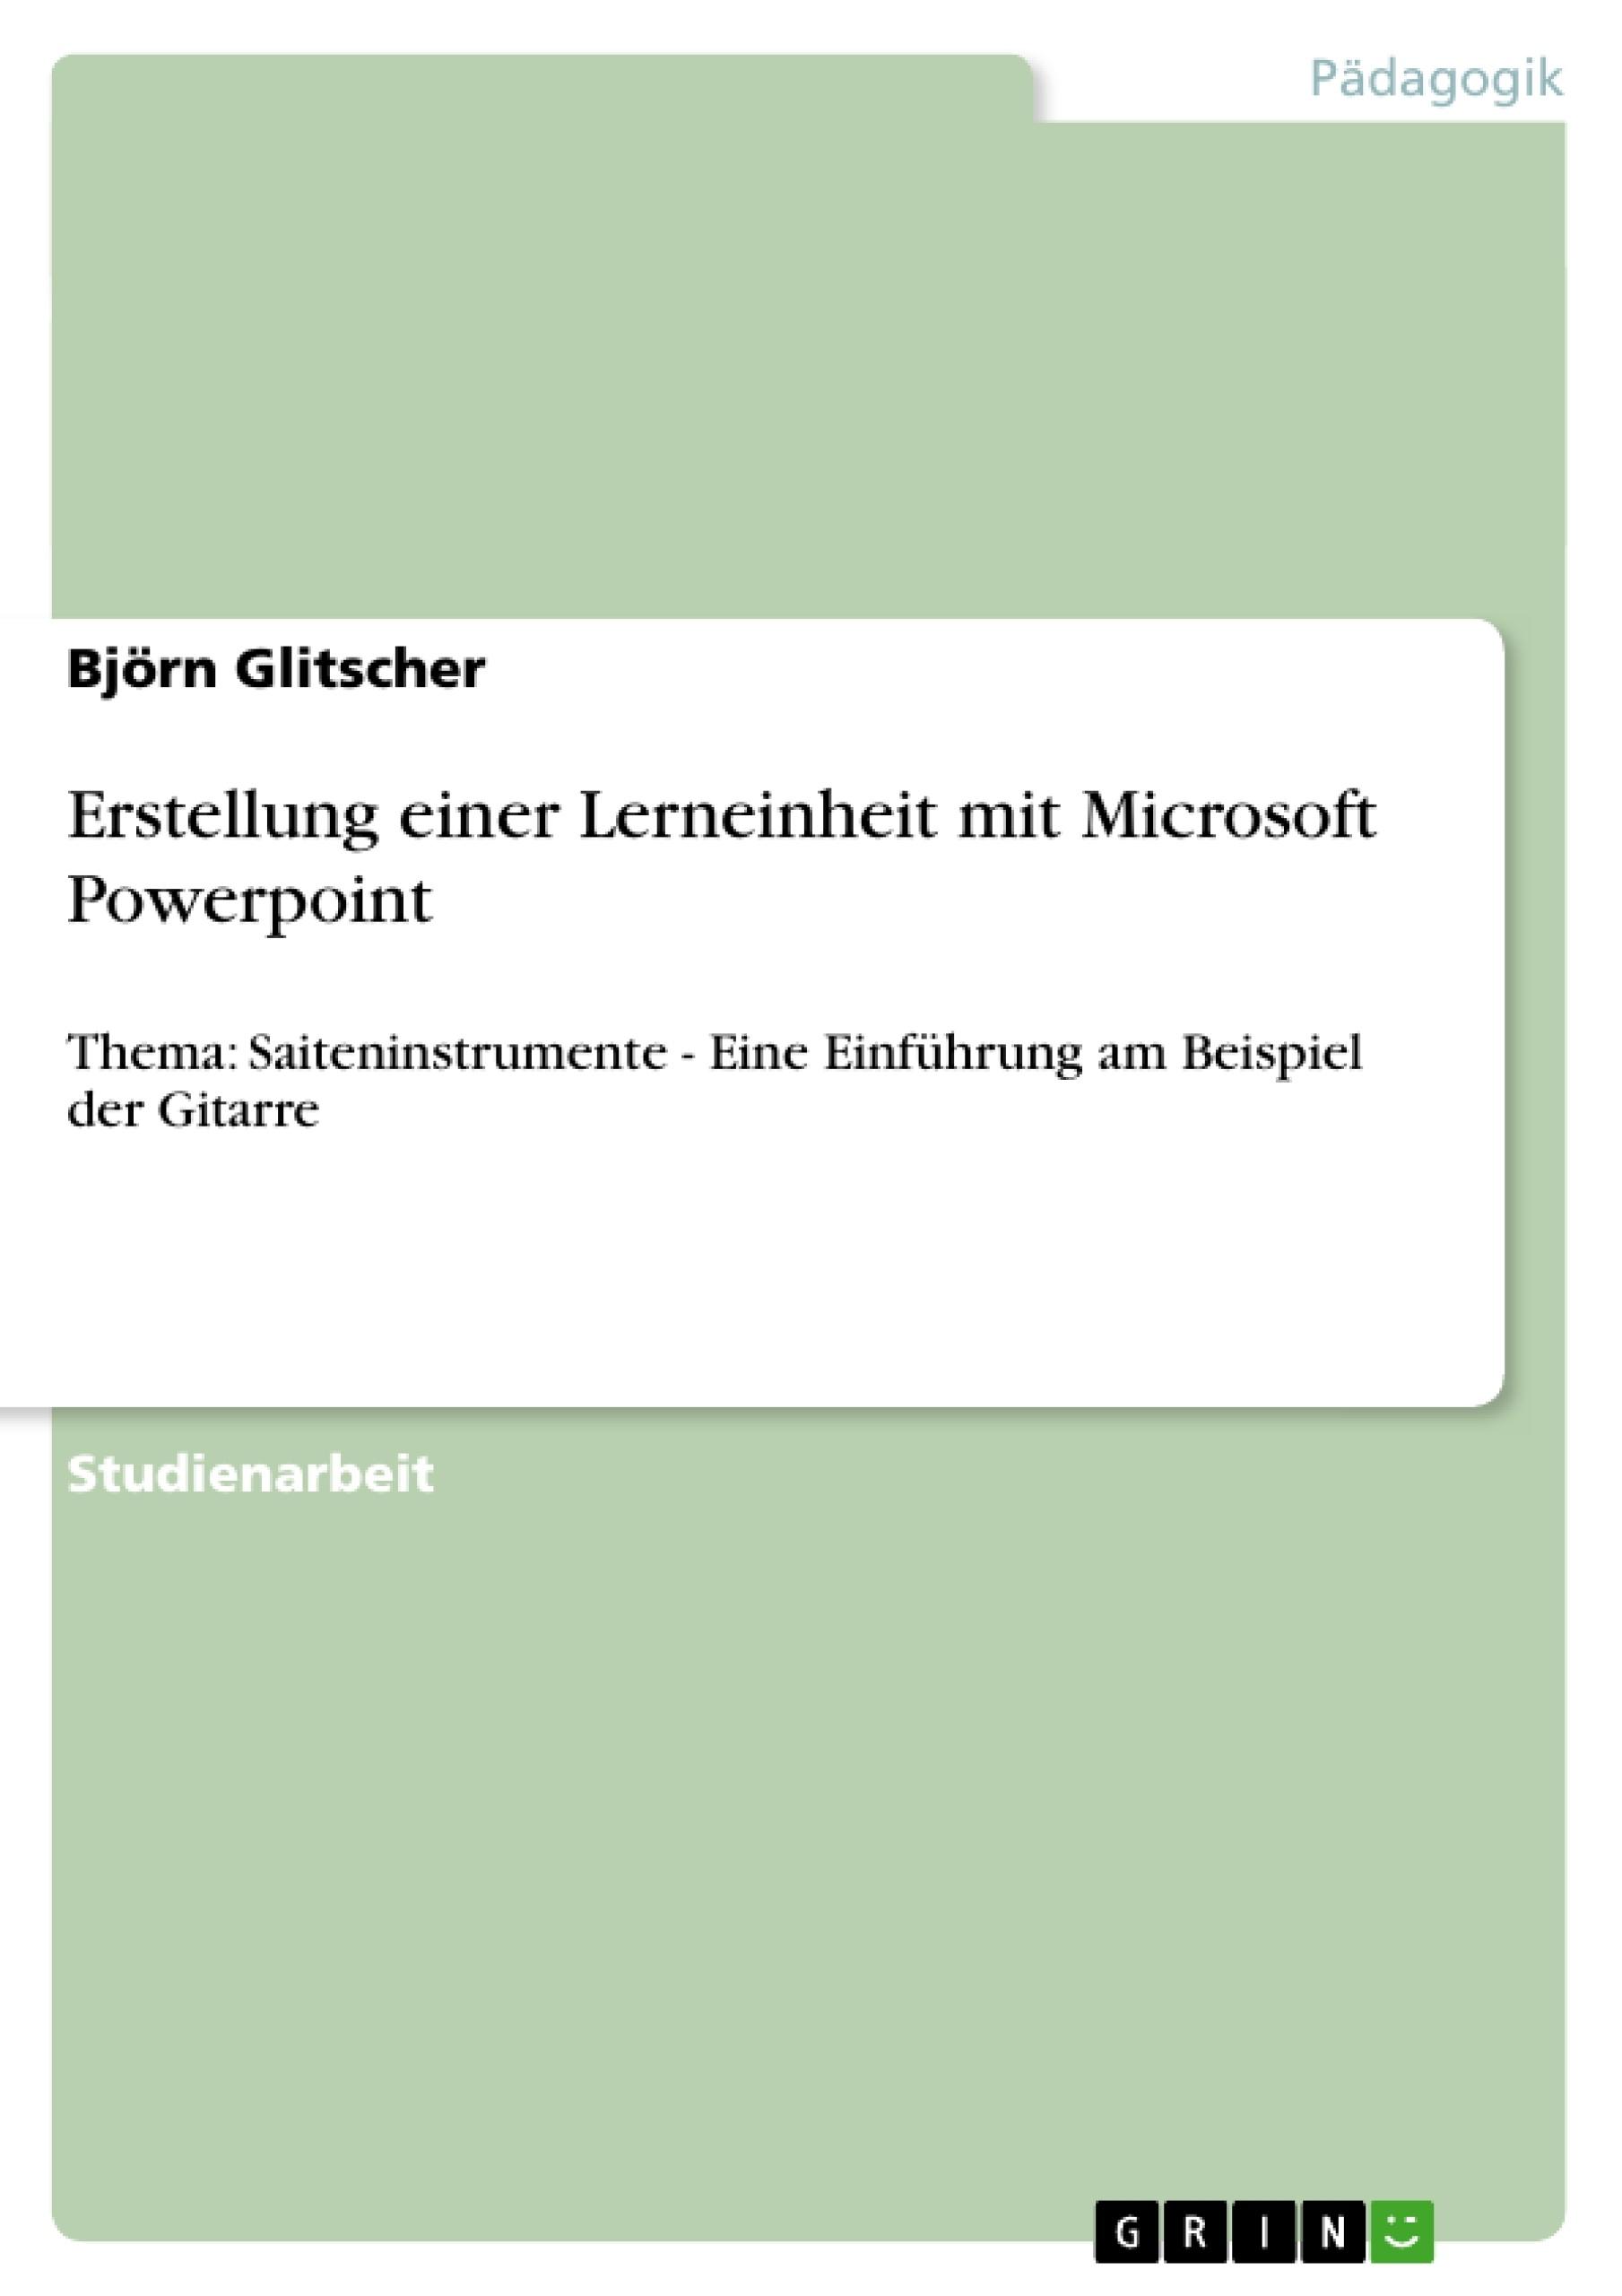 Titel: Erstellung einer Lerneinheit mit Microsoft Powerpoint